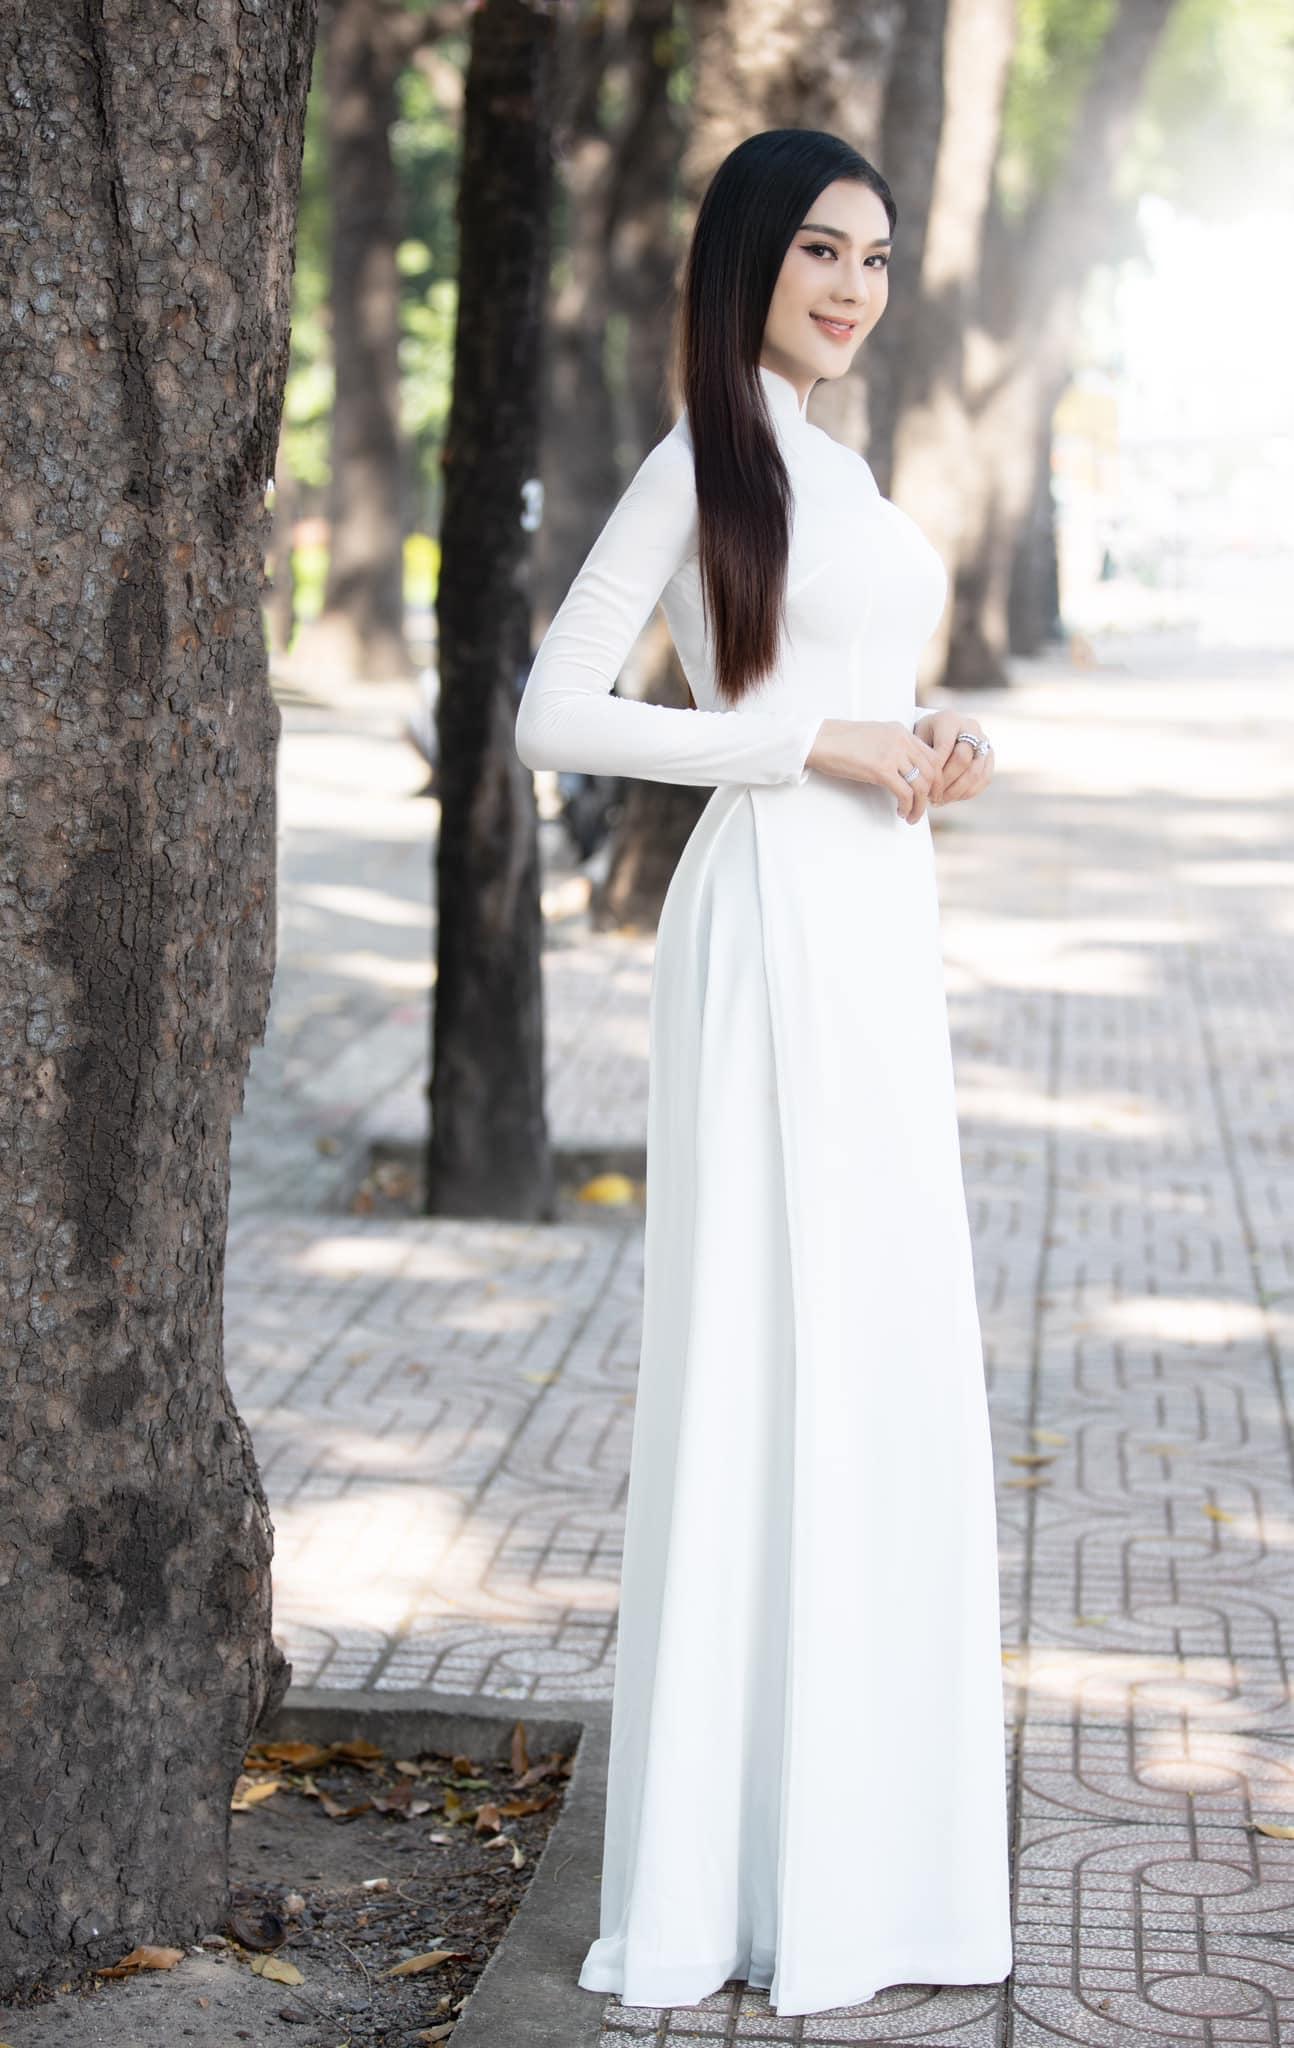 Ngày nào diện áo dài trắng bị gọi amp;#34;thảm hoạamp;#34;, Lâm Khánh Chi giờ đẹp vượt luôn Hương Giang - 1